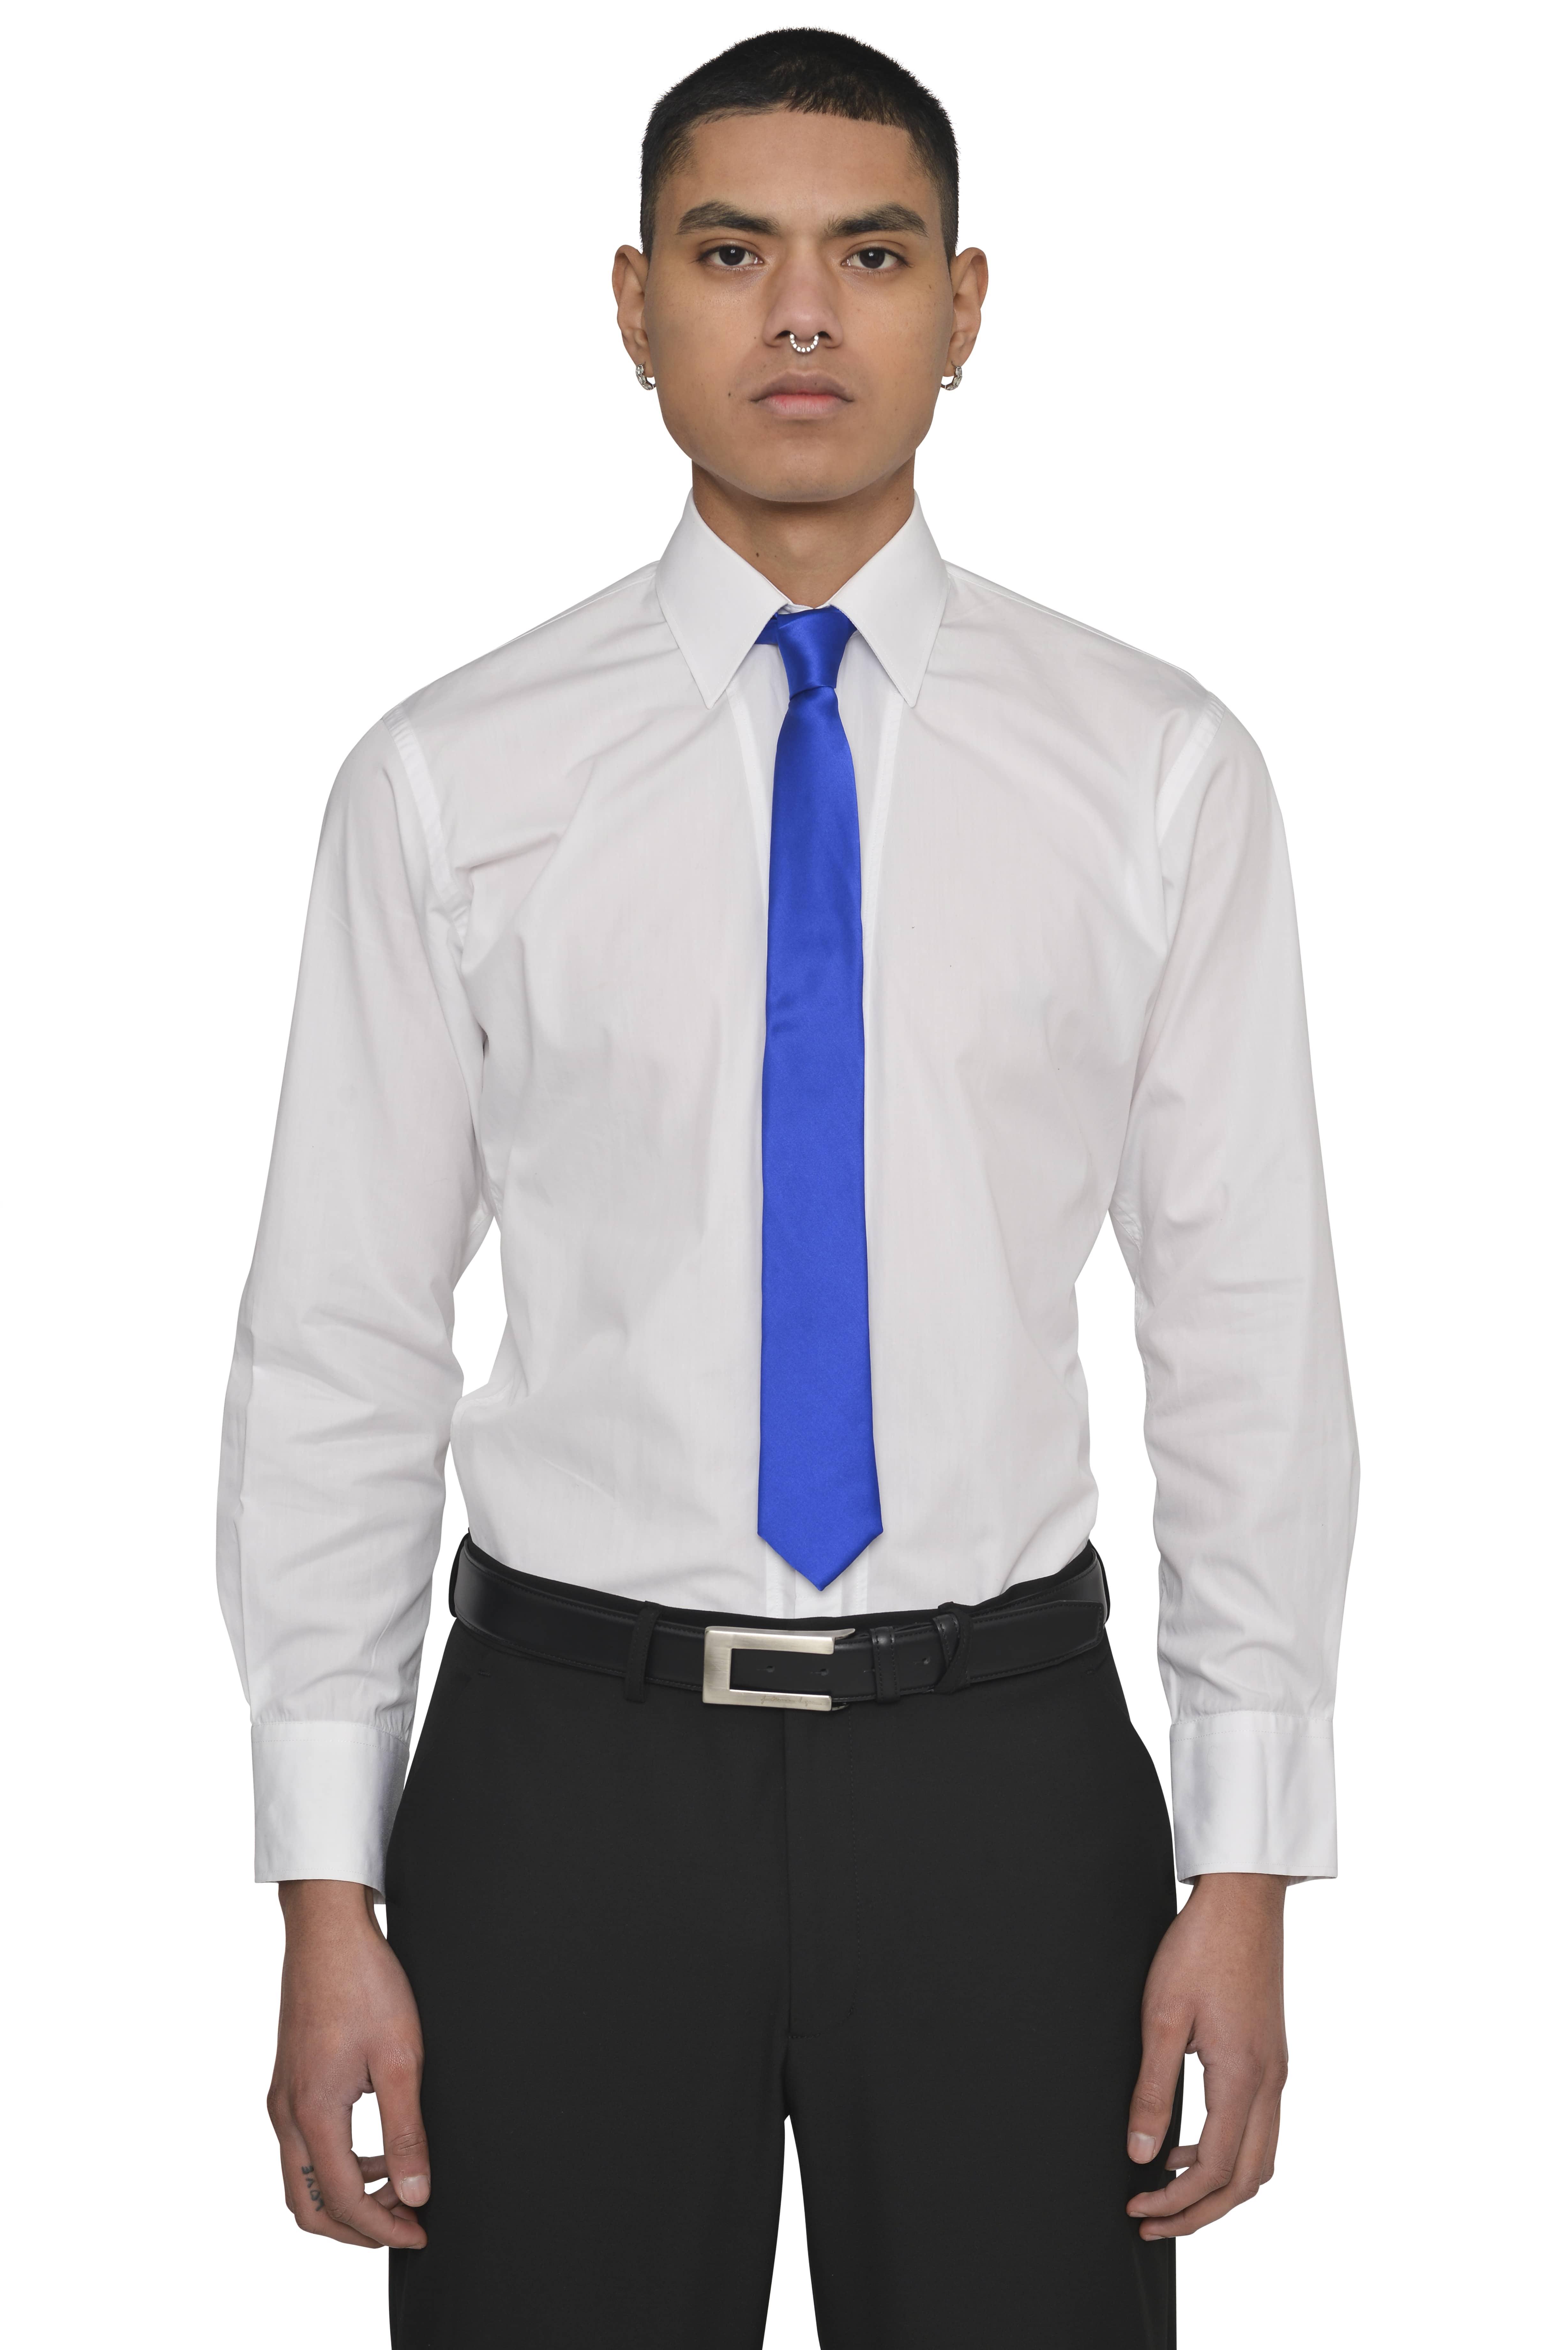 Tie GRIFO 4